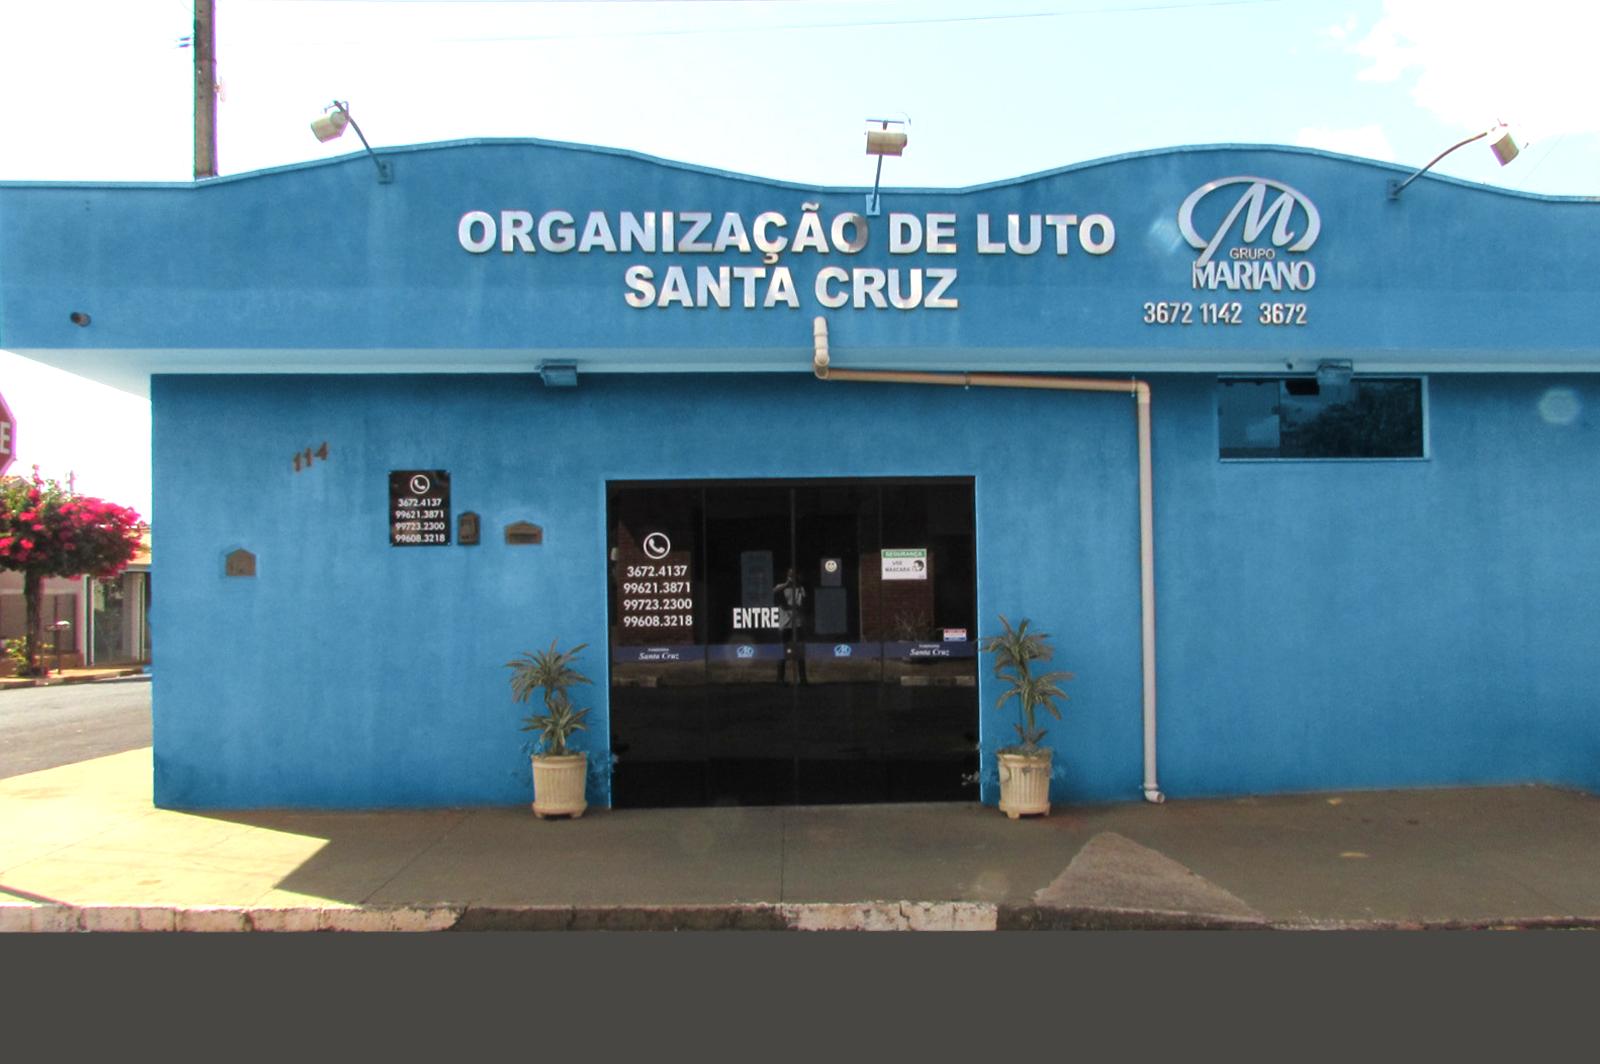 Funerária Santa Cruz – Santa Cruz das Palmeiras - SP